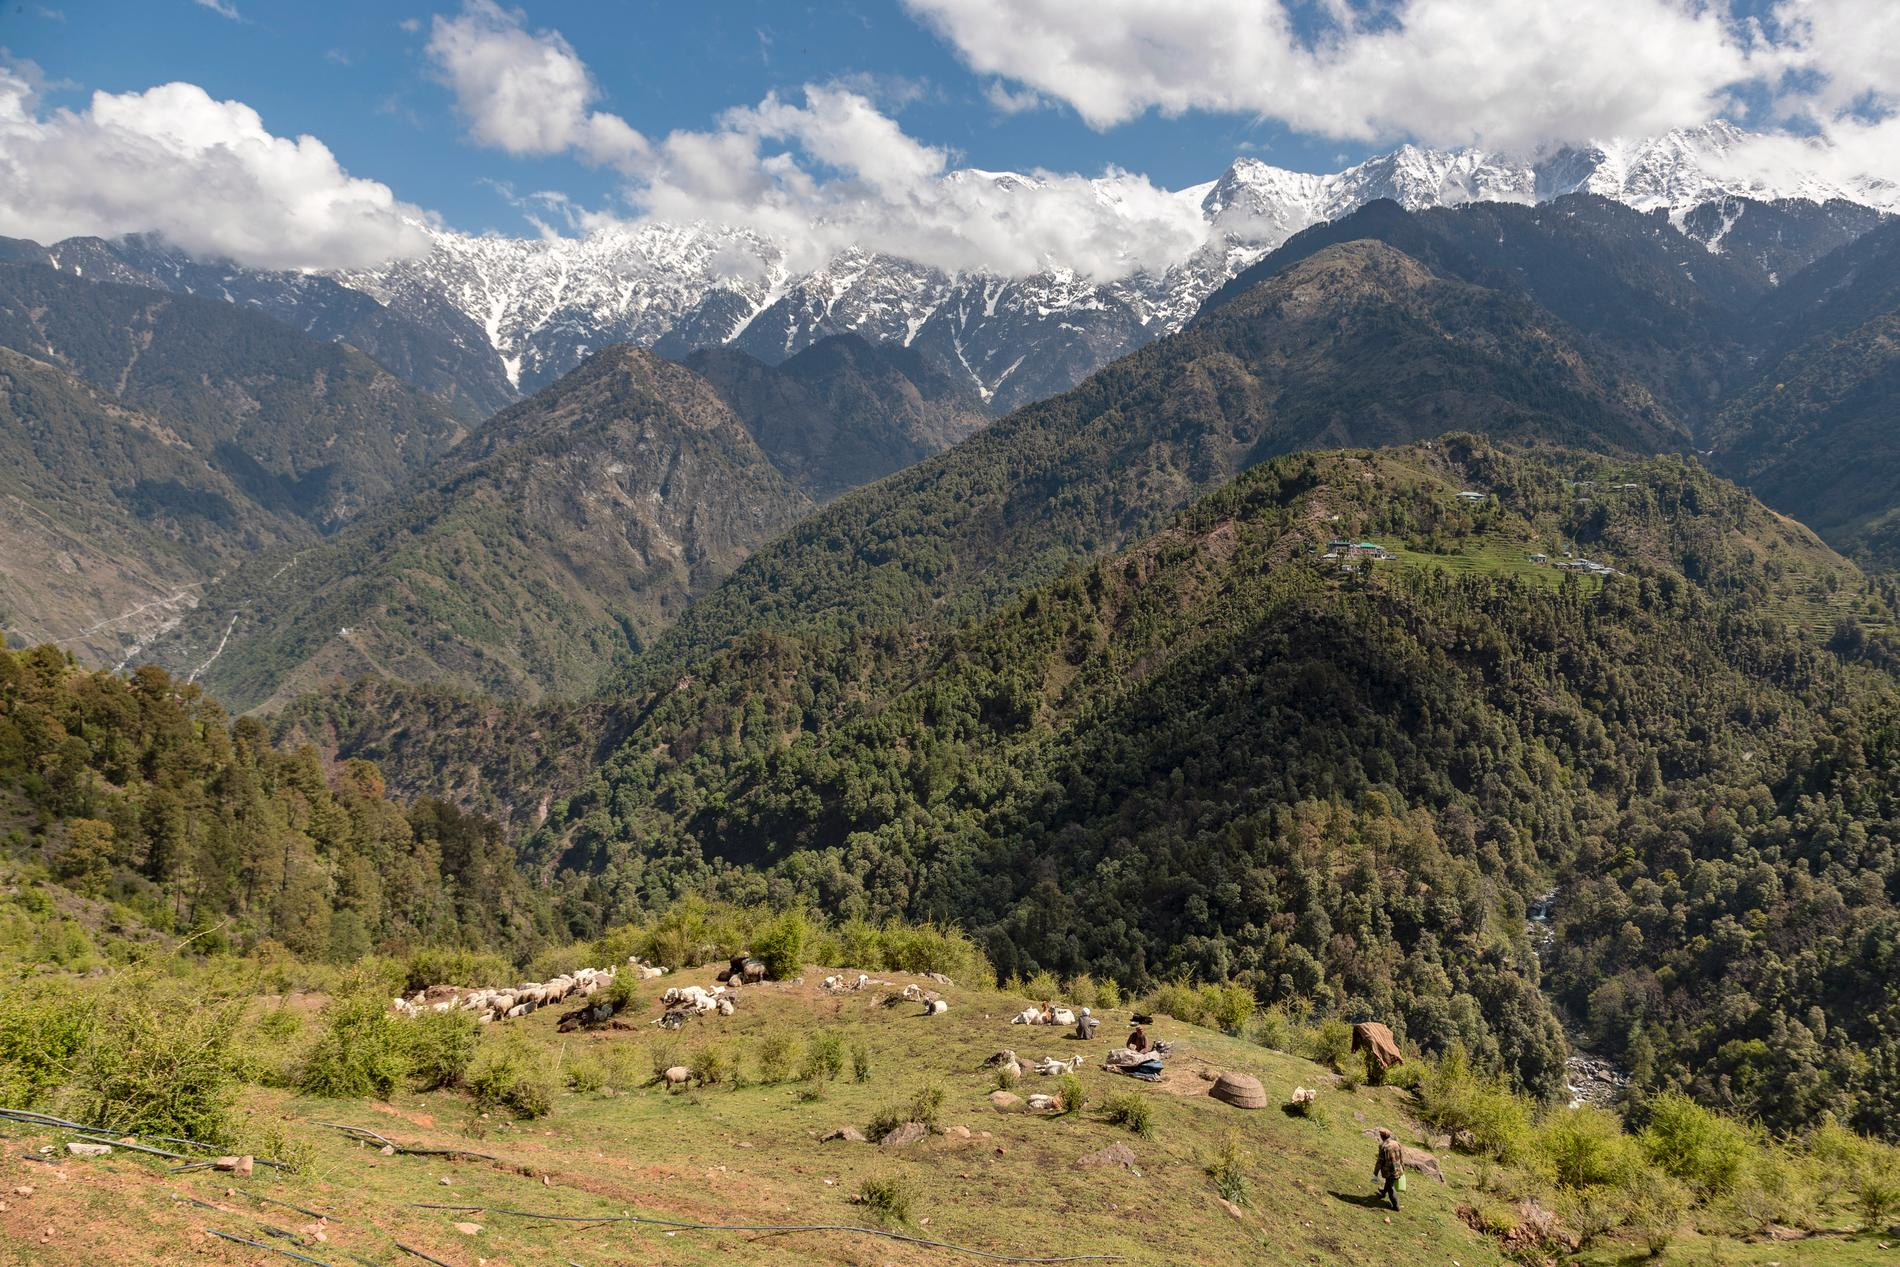 Vy från delstaten Himachal Pradesh där olyckan inträffade. Arkivbild.